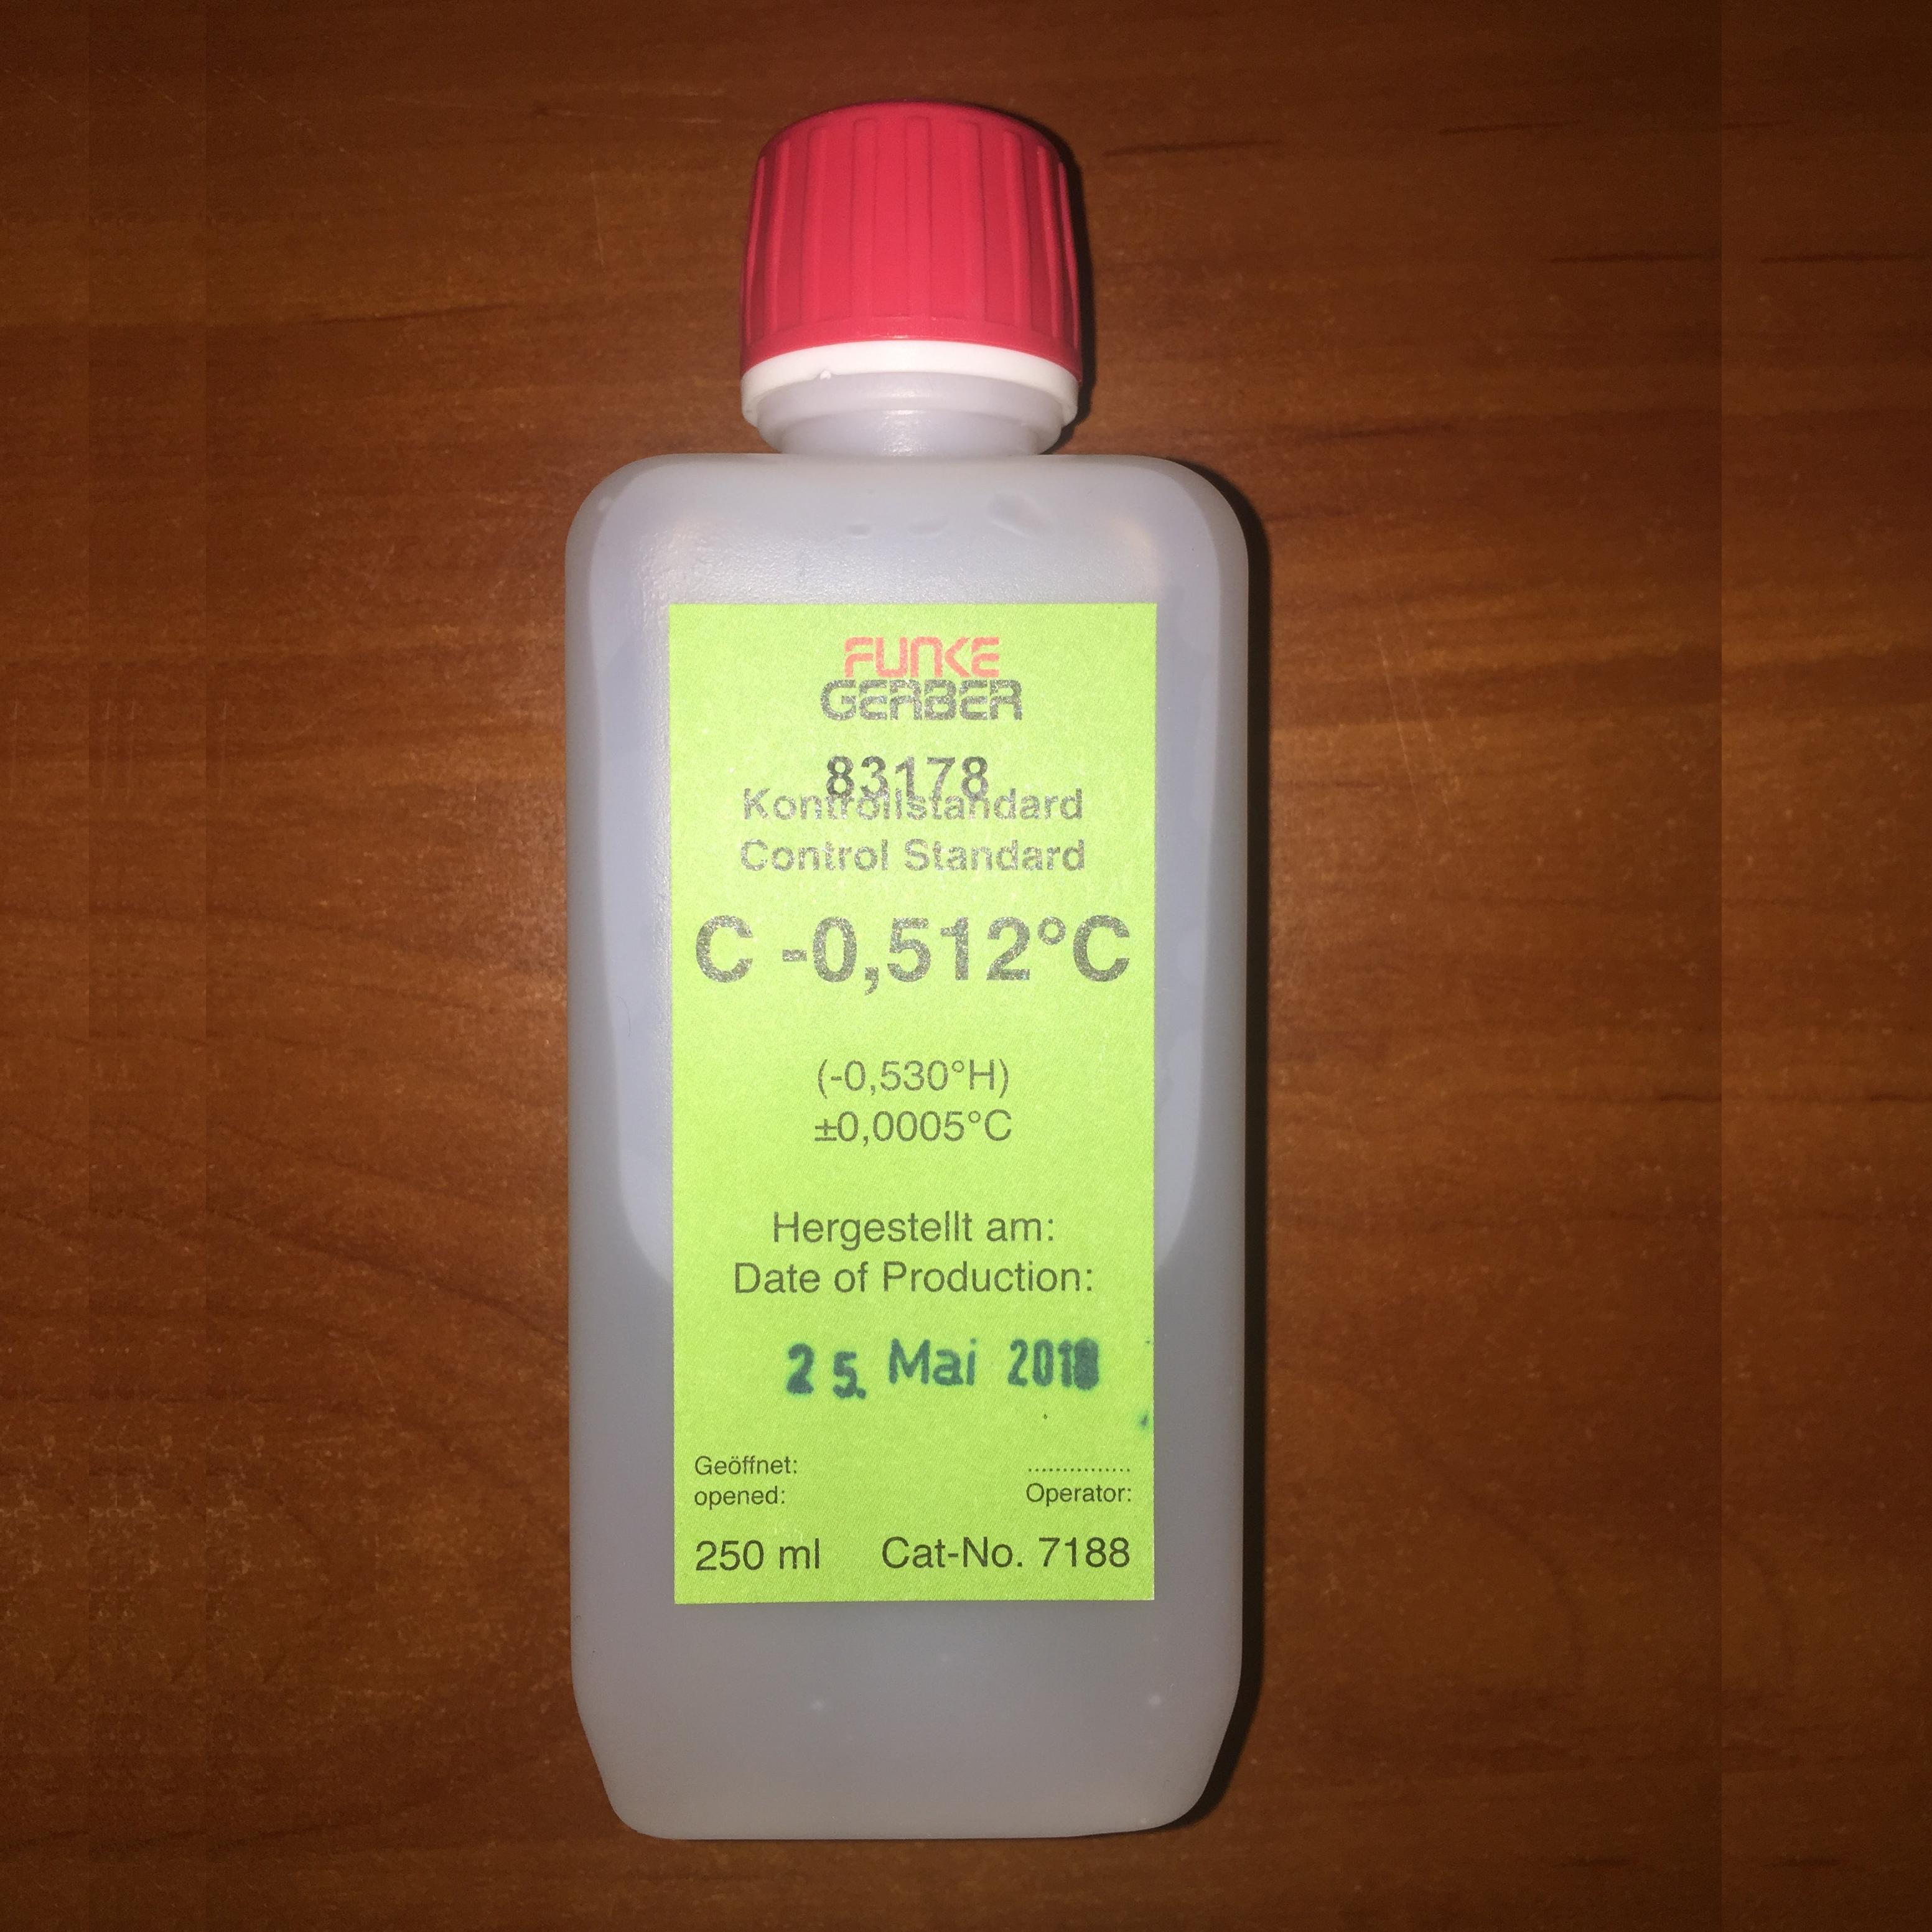 Калибровочный стандарт Funke Gerber C -0.512 C